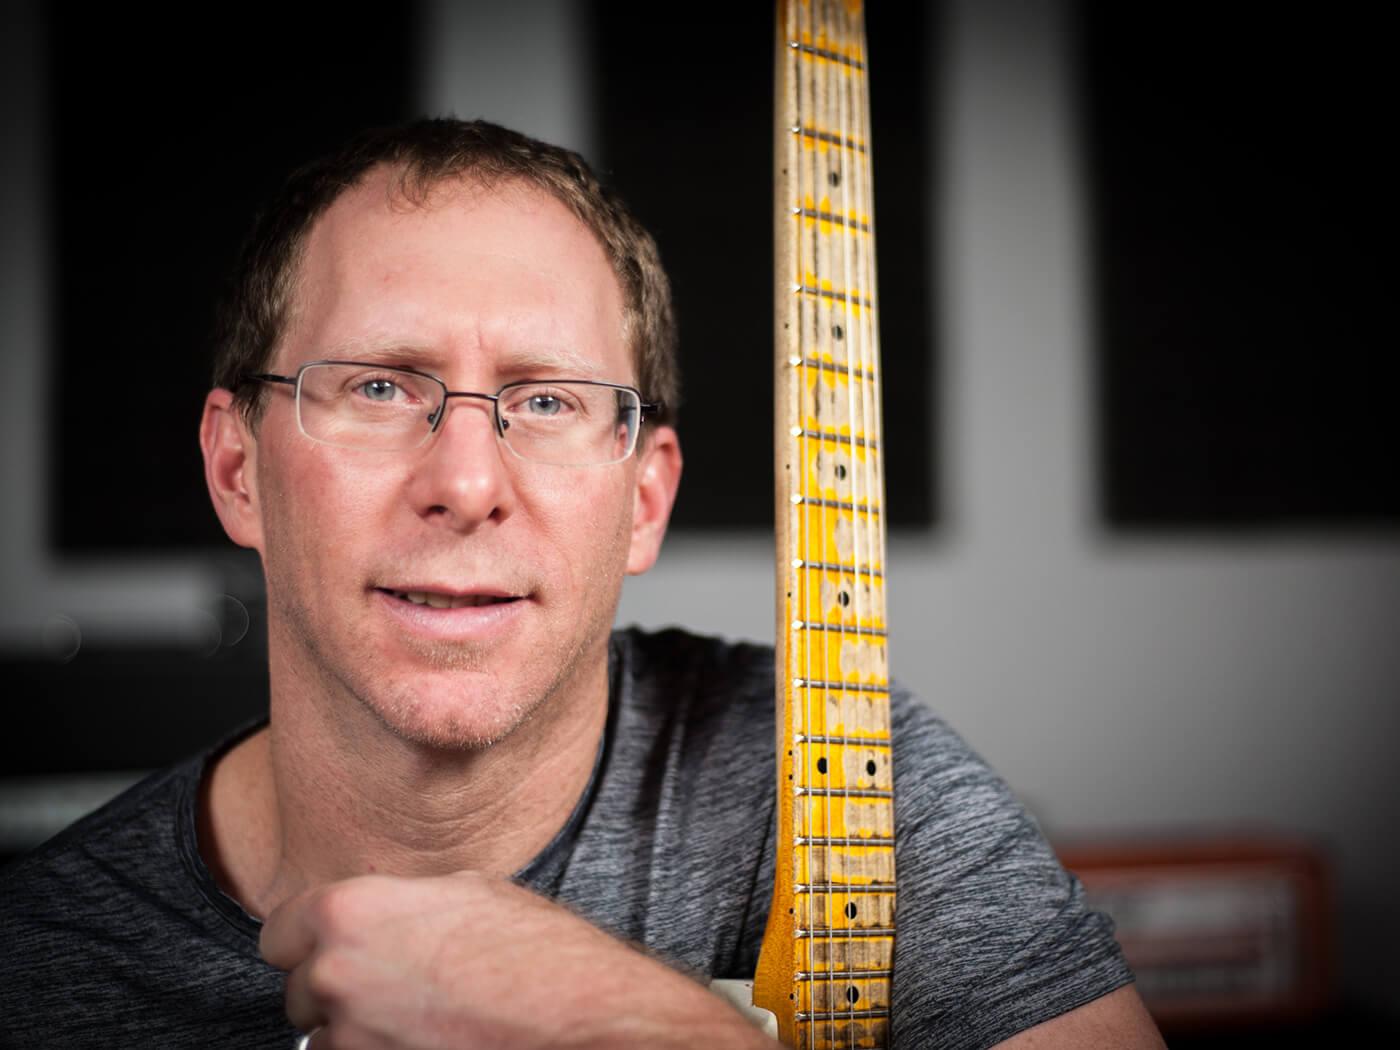 Brian Wampler of Wampler Pedals